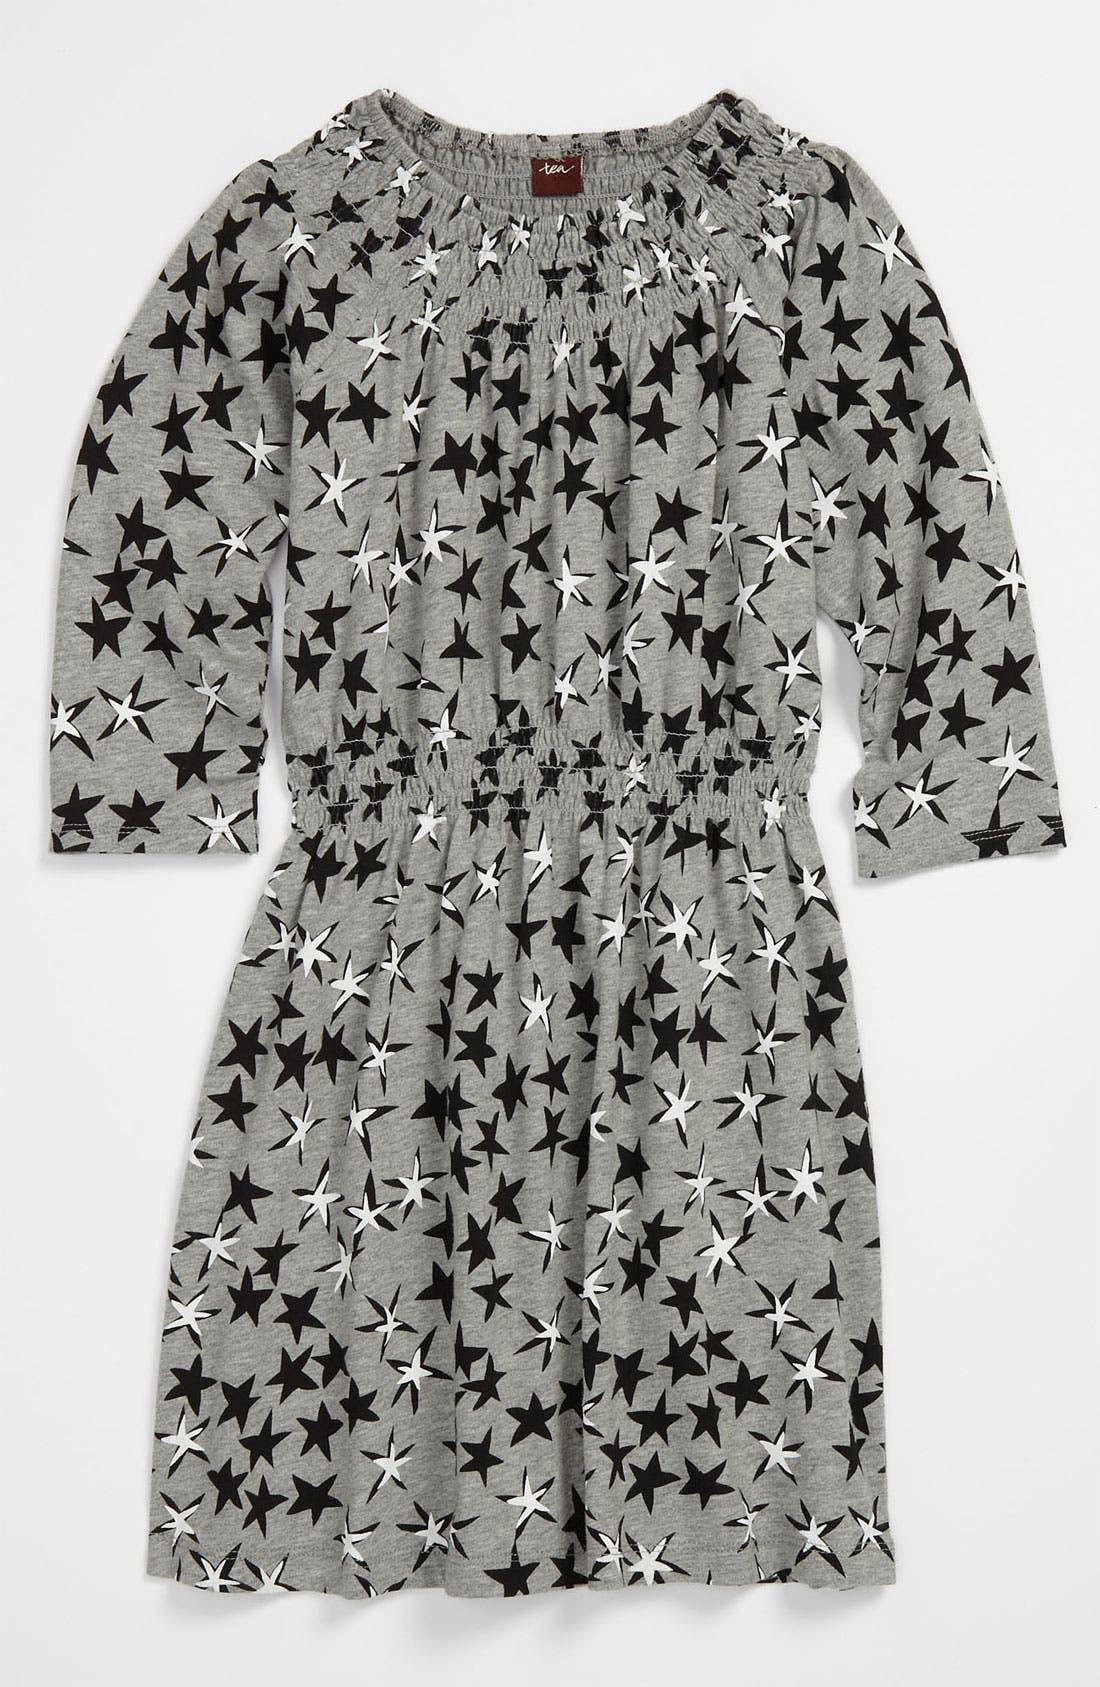 Alternate Image 1 Selected - Tea Collection 'Superstar' Smocked Dress (Little Girls & Big Girls)